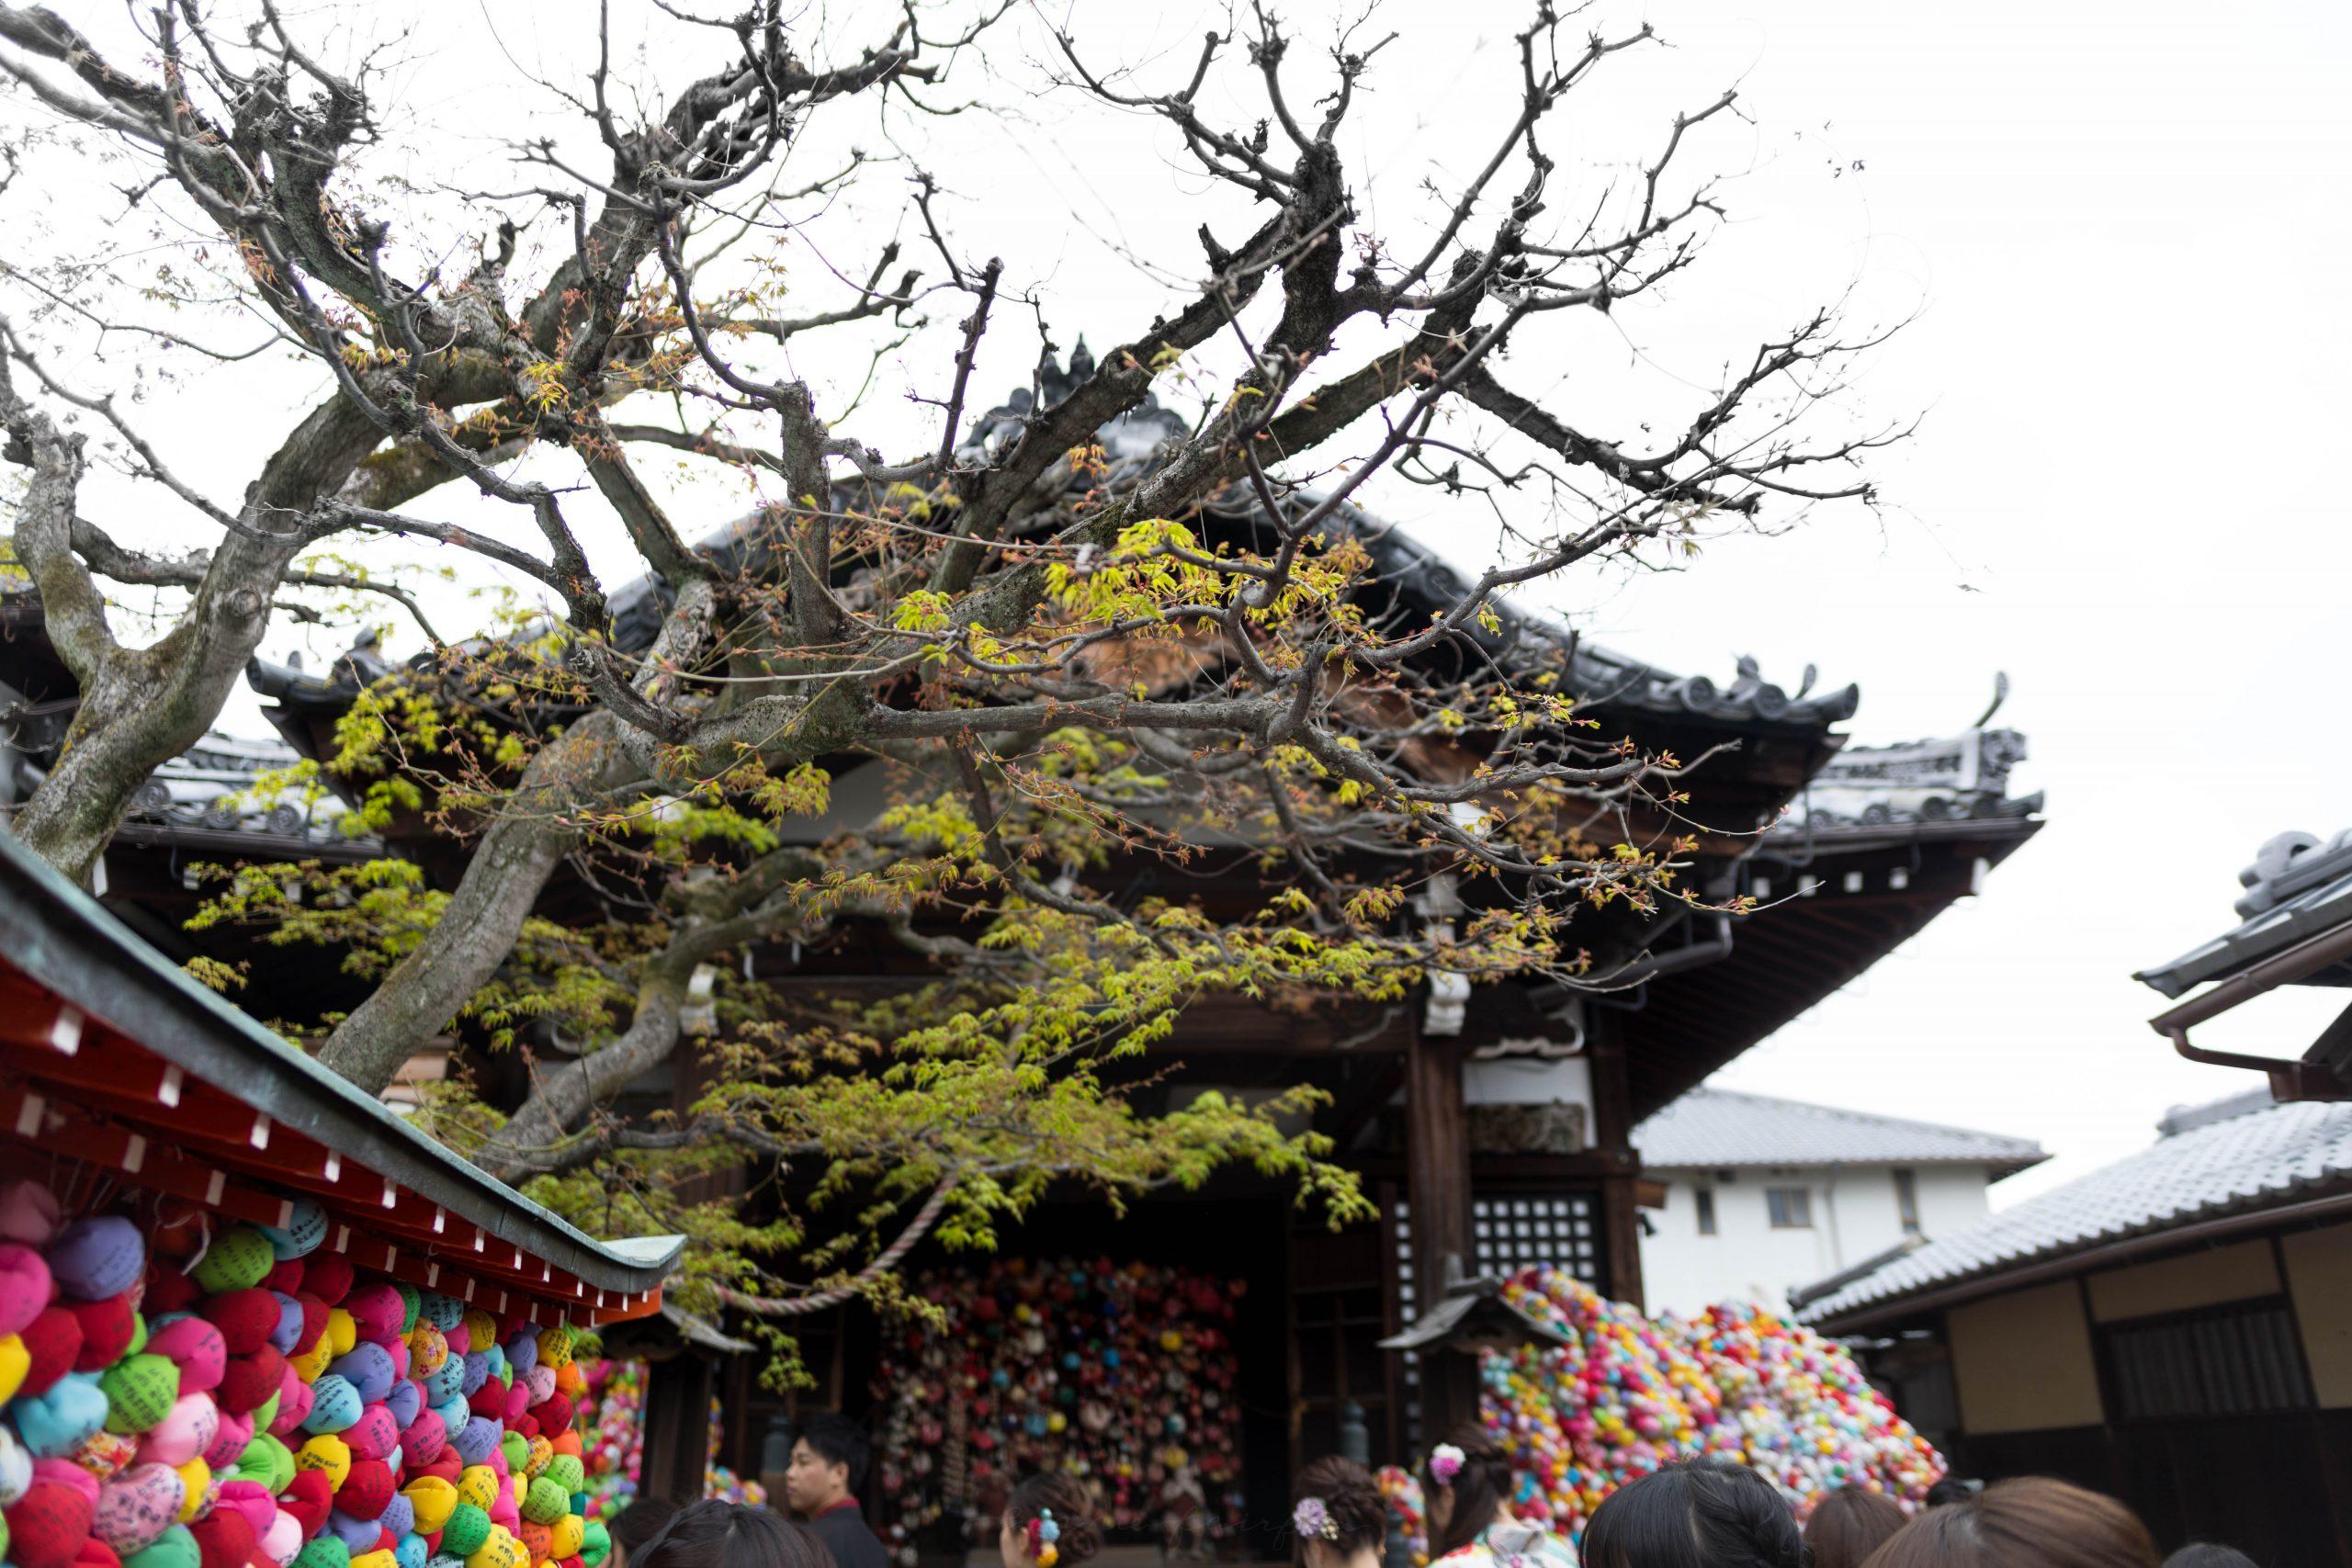 Colorful Ball Temple Yasaka Koshin-Do Templein Kyoto, Japan's Higashiyama District by Annie Fairfax